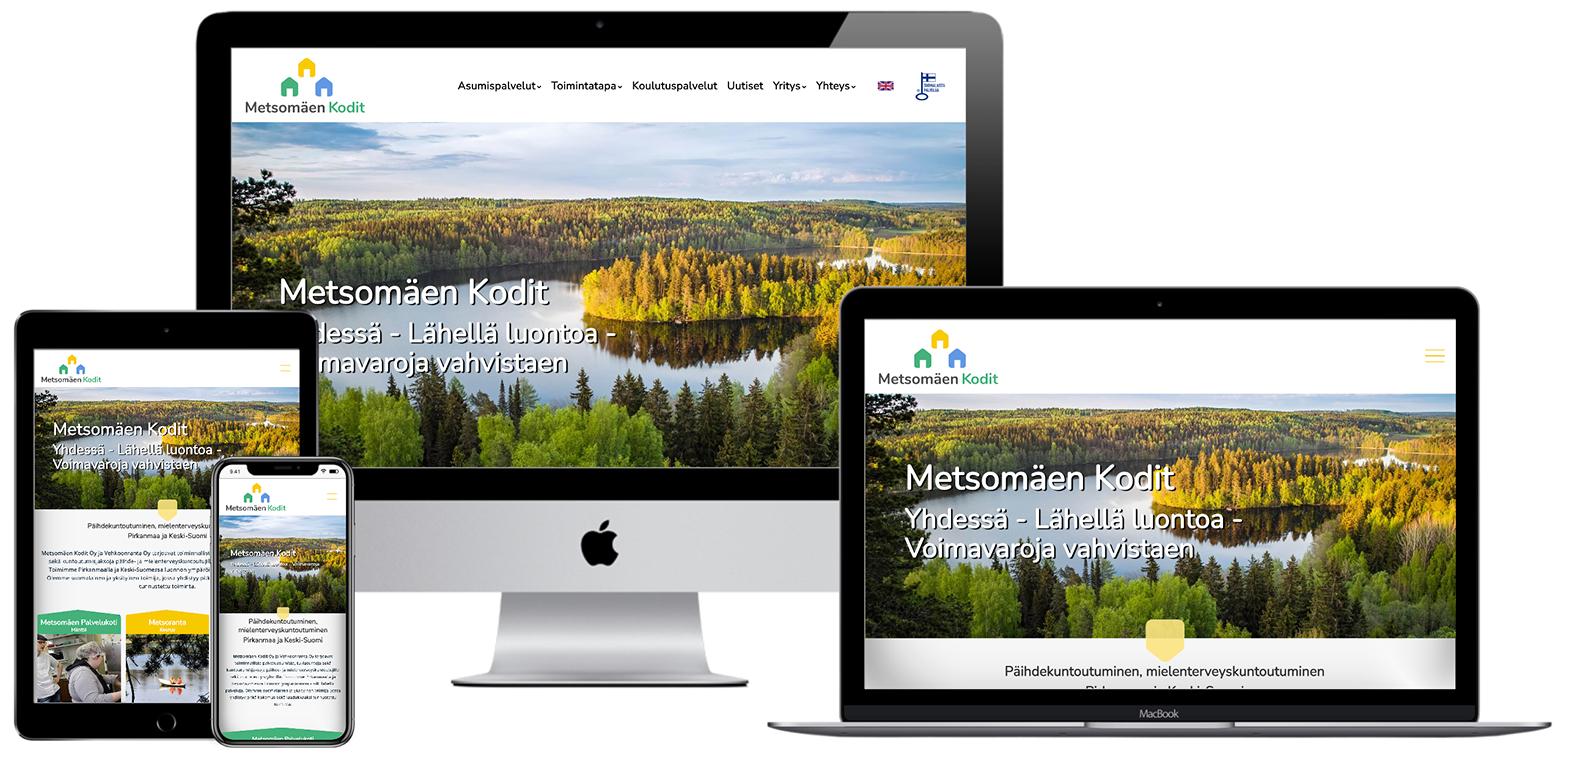 Metsomäen Kodit - Verkkosivu kuvattu eri laitteilla